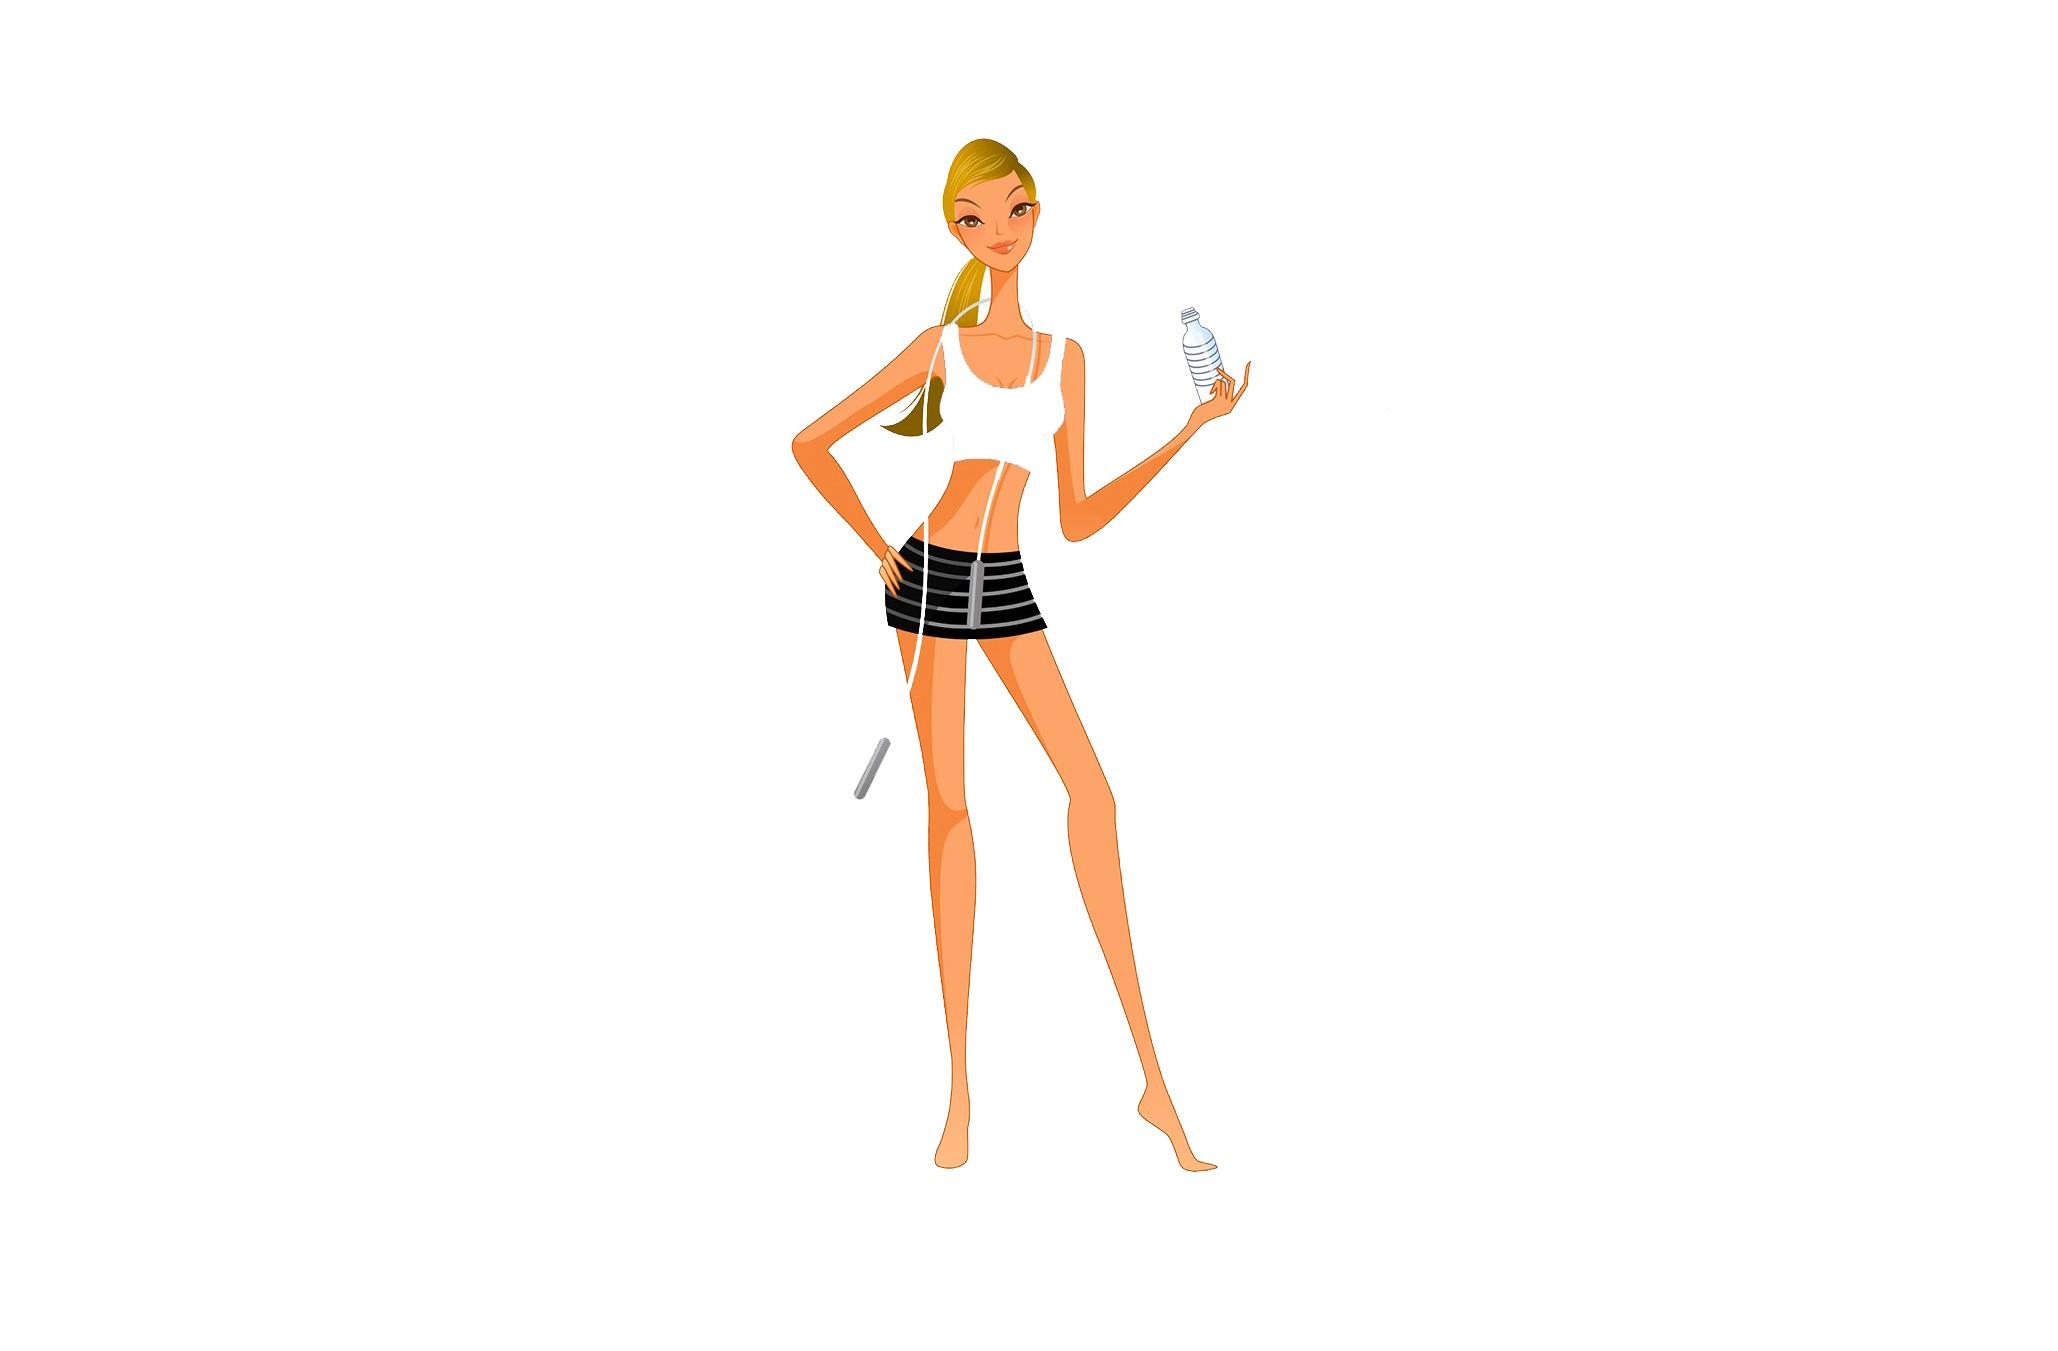 savoir maigrir maintenez votre tonus avec la corde sauter 1 7 un peu d 39 exercice. Black Bedroom Furniture Sets. Home Design Ideas